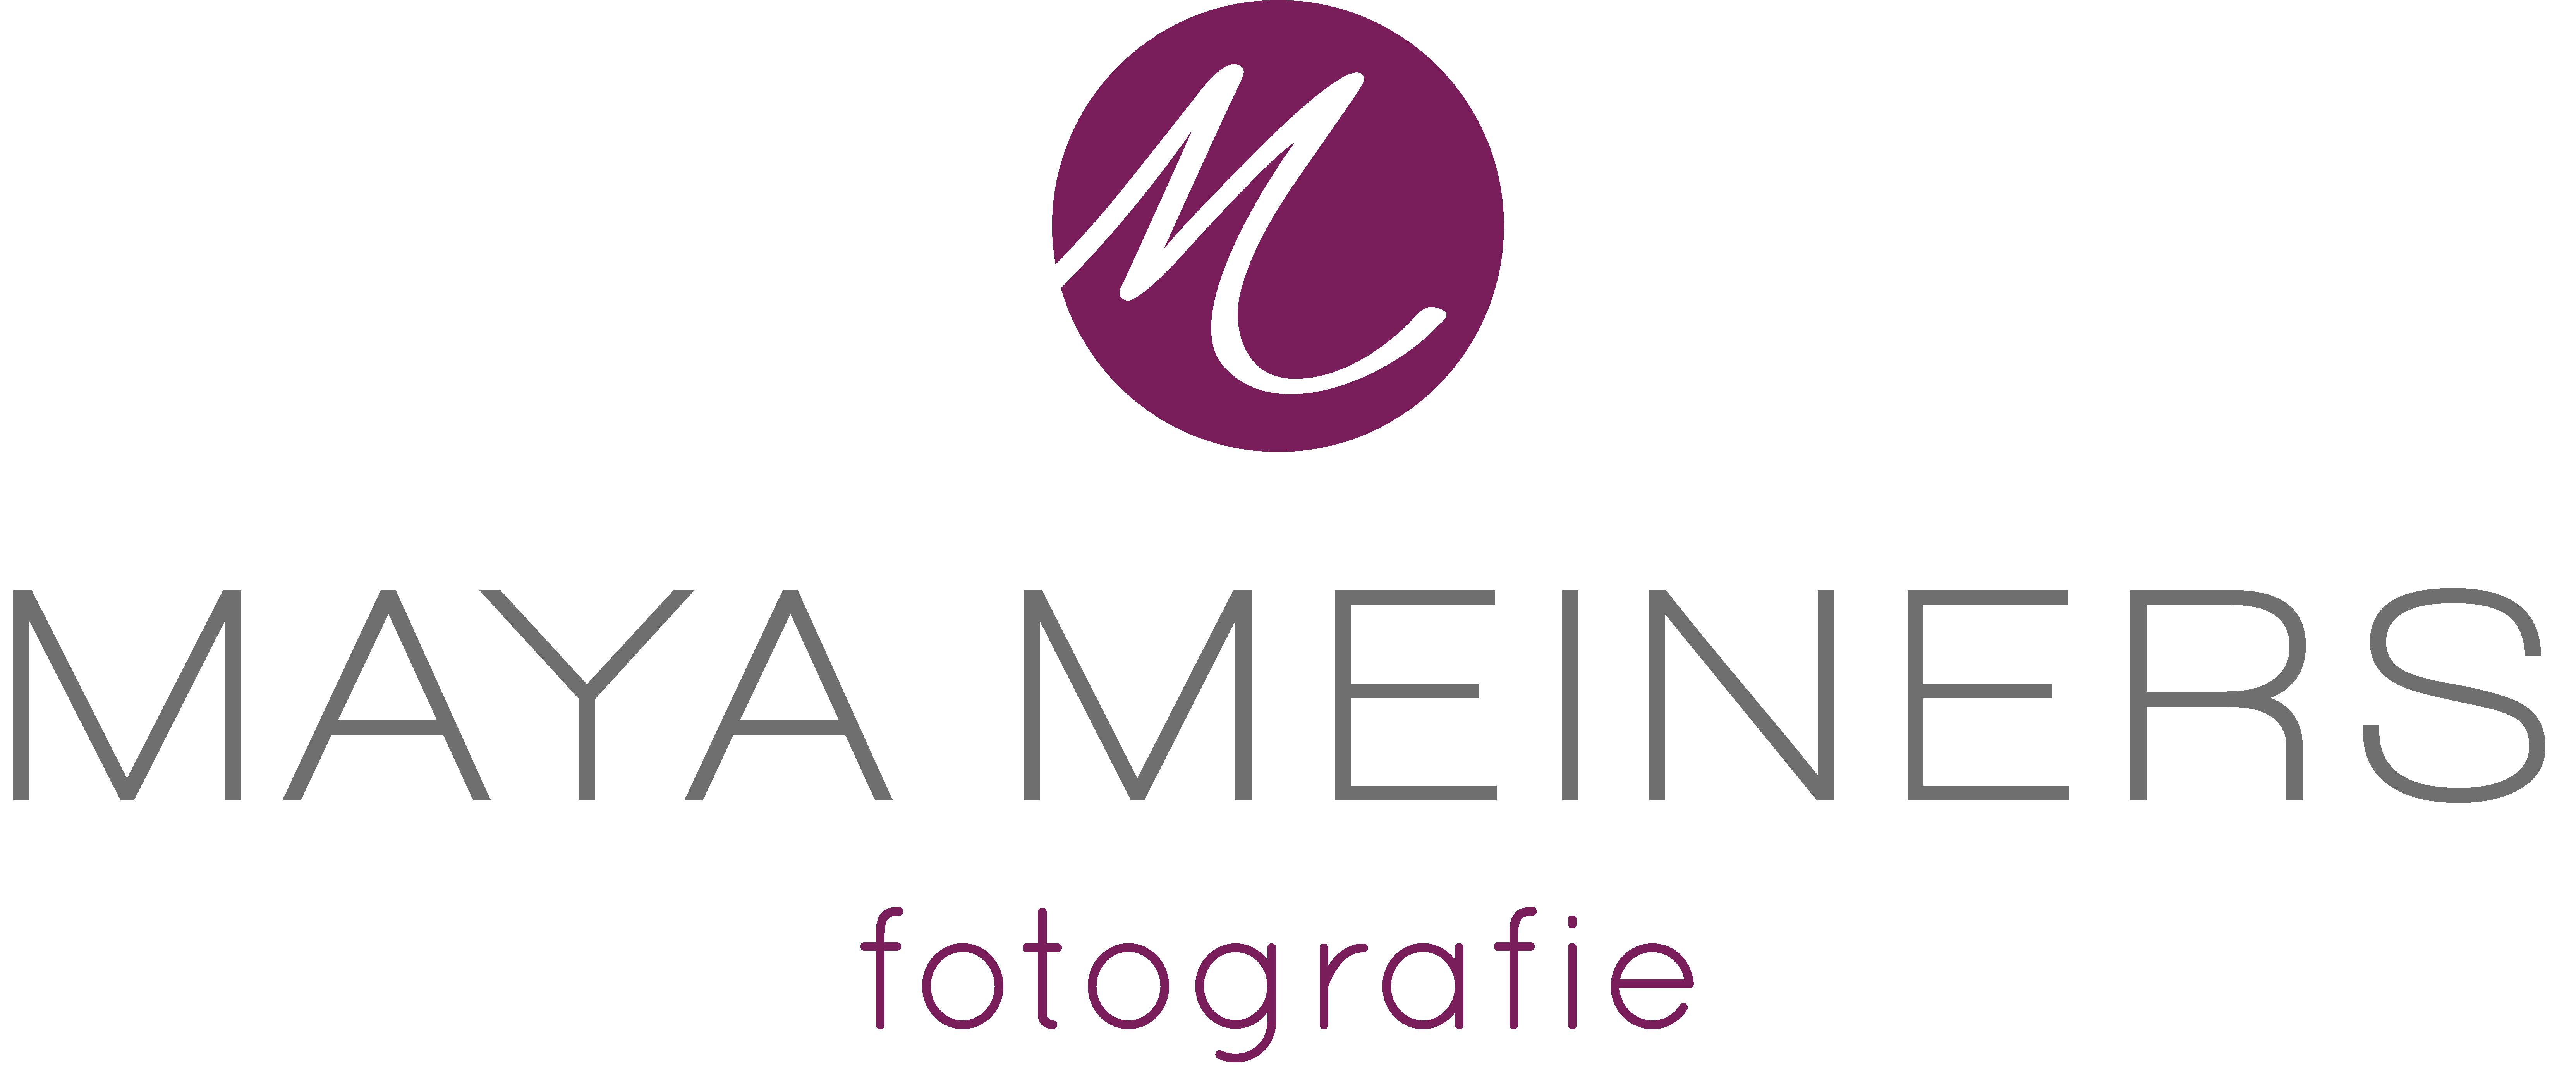 Maya Meiners